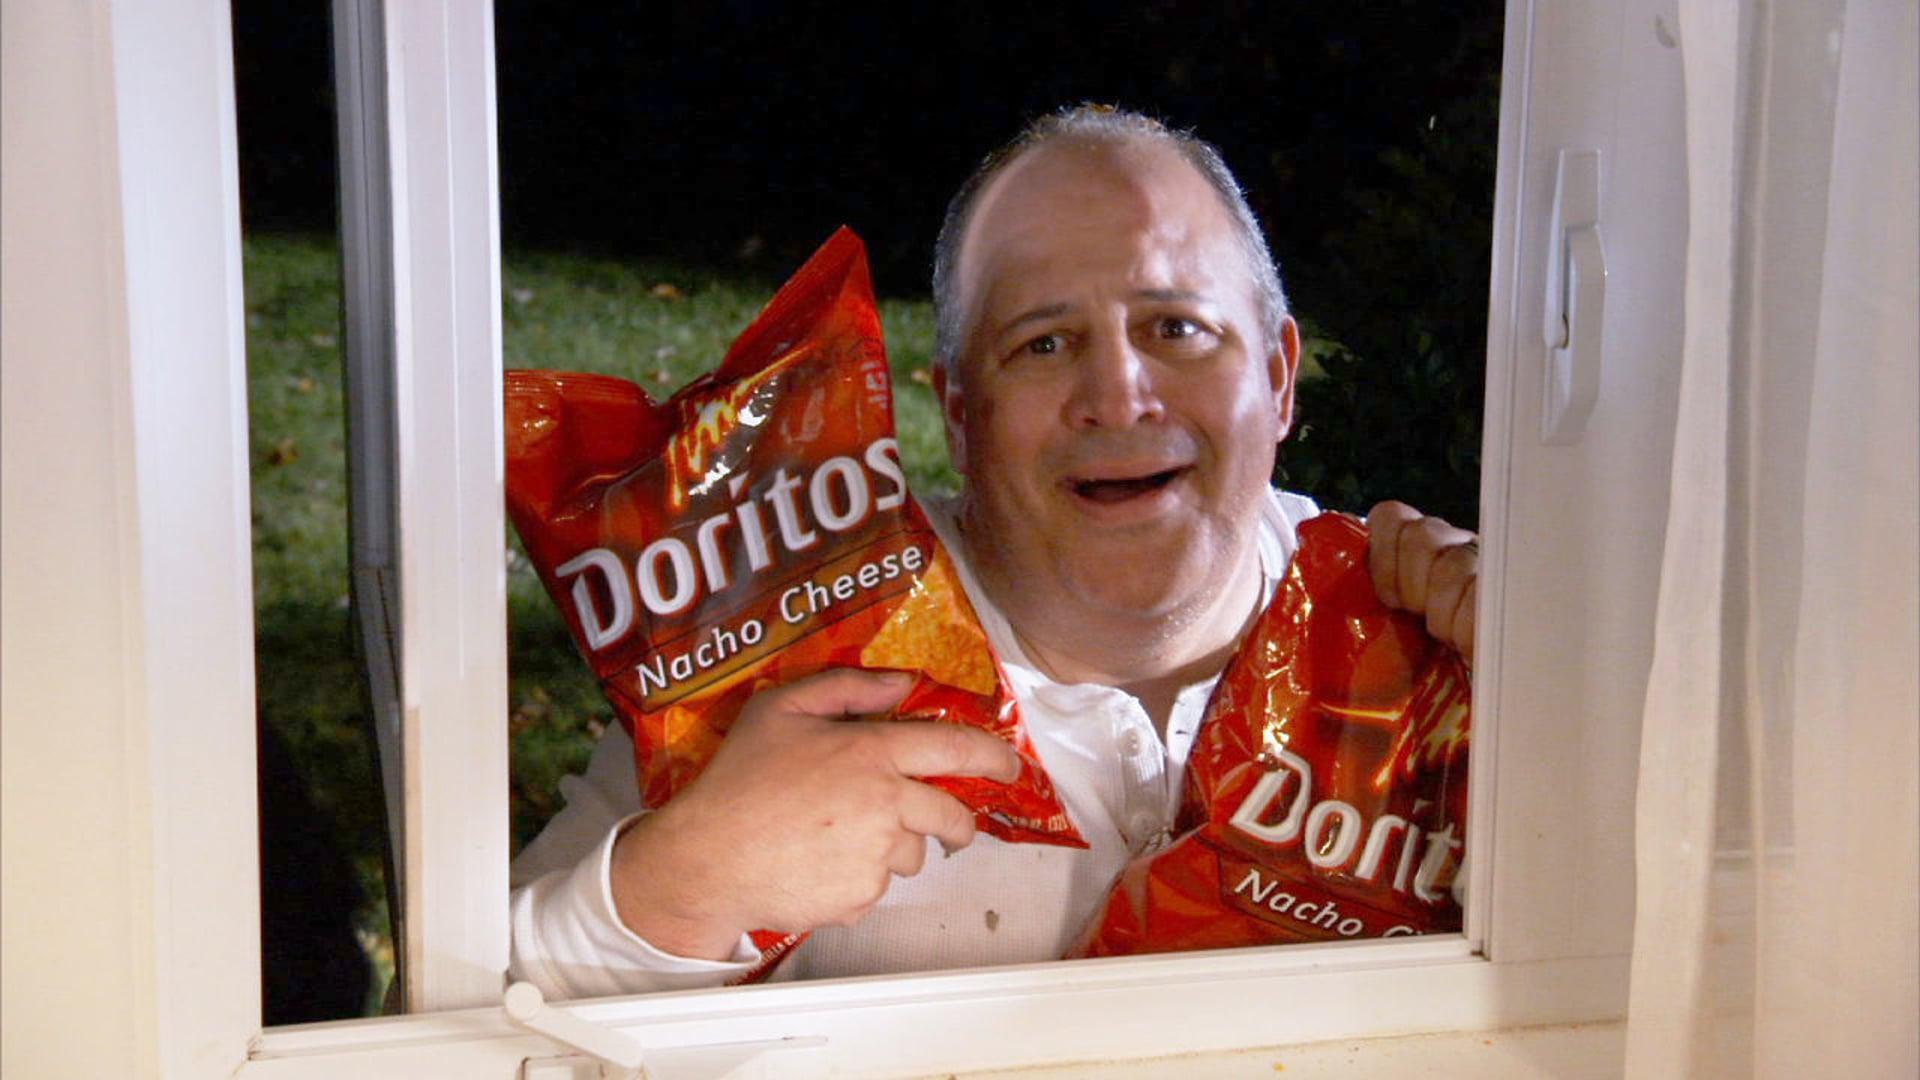 """Doritos """"Crash the Superbowl""""  contest 30 sec spot"""